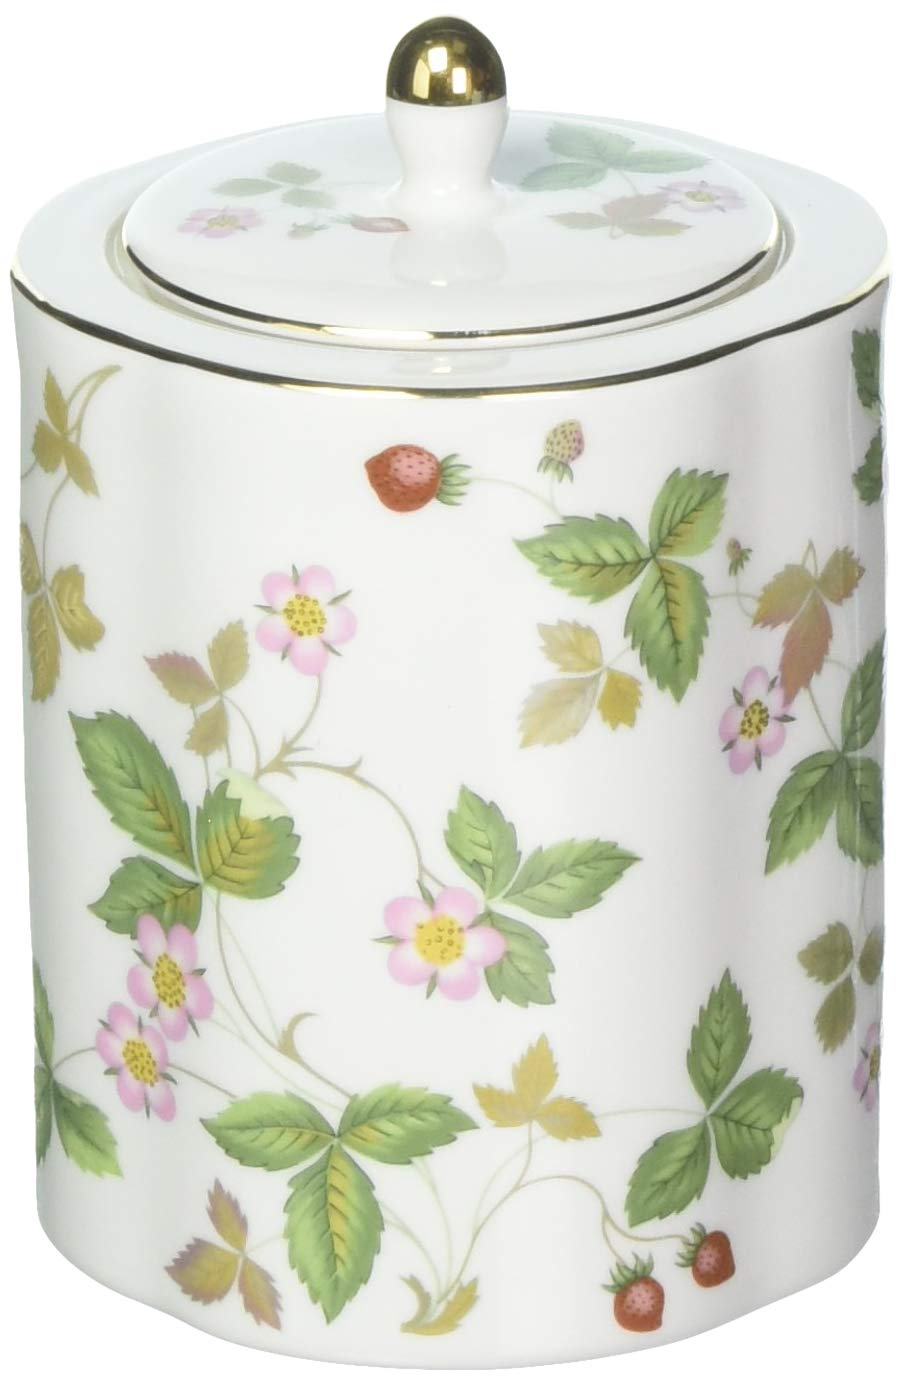 Wedgwood Wild Strawberry Tea Caddy, Green